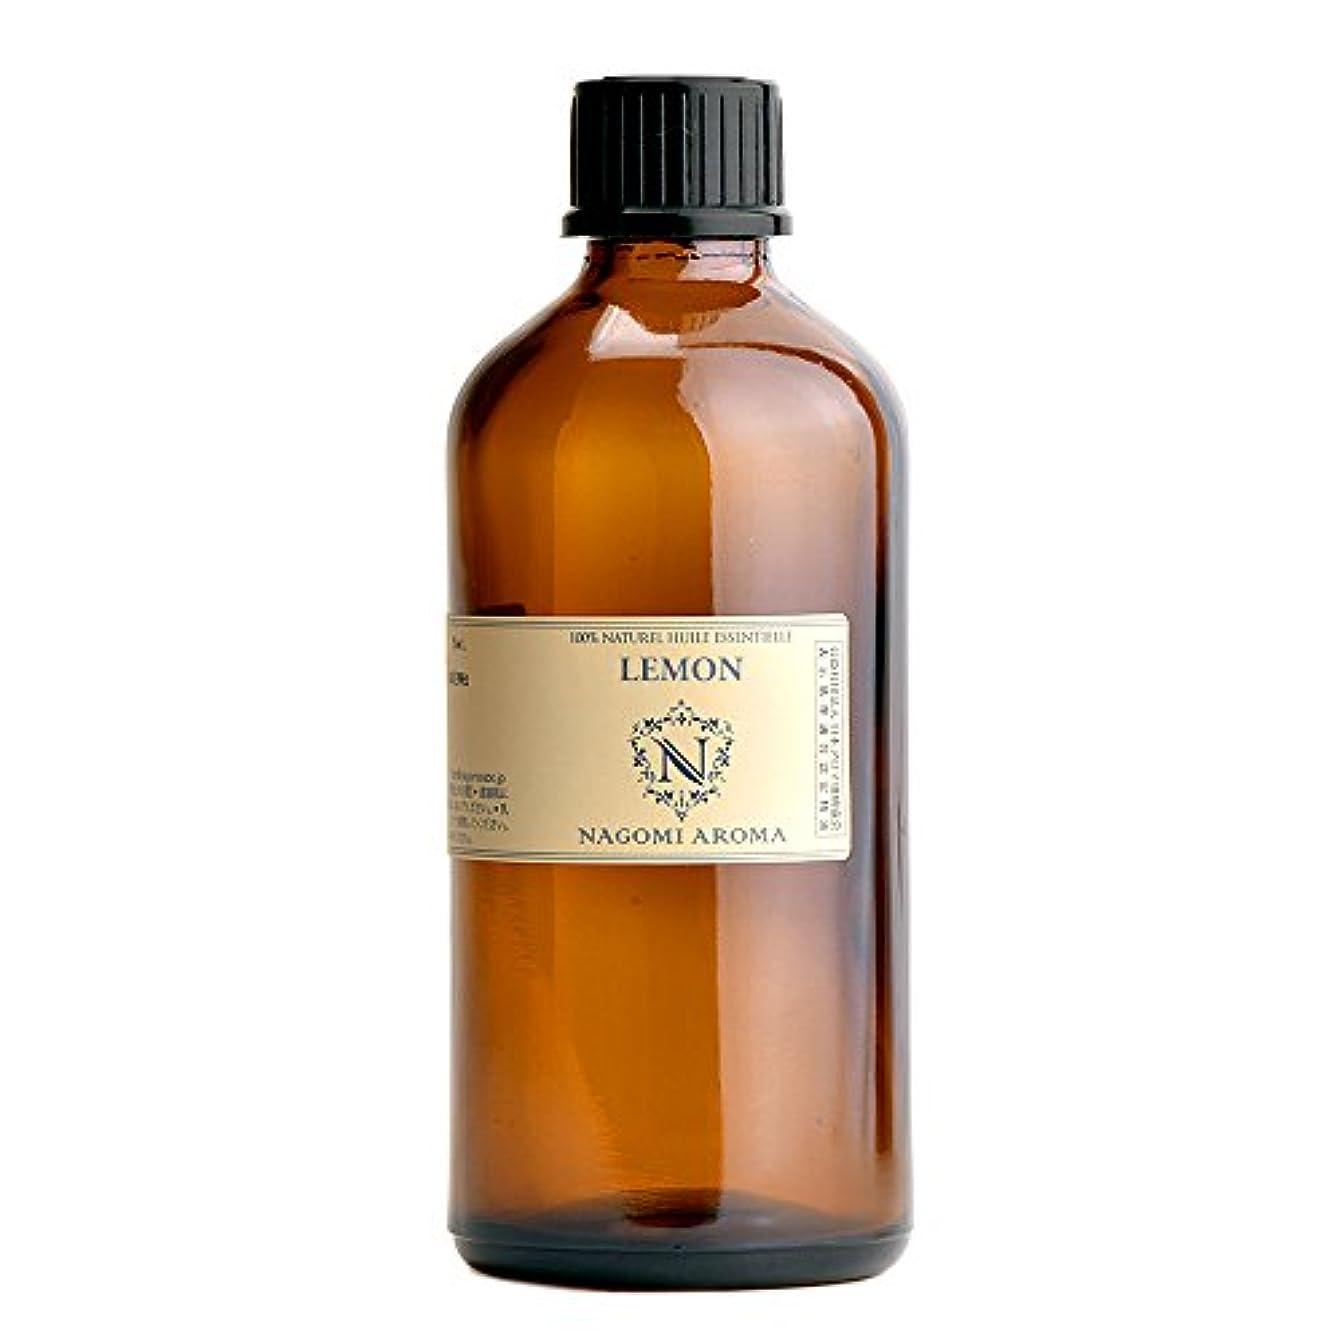 僕のインフルエンザポルトガル語NAGOMI AROMA レモン 100ml 【AEAJ認定精油】【アロマオイル】